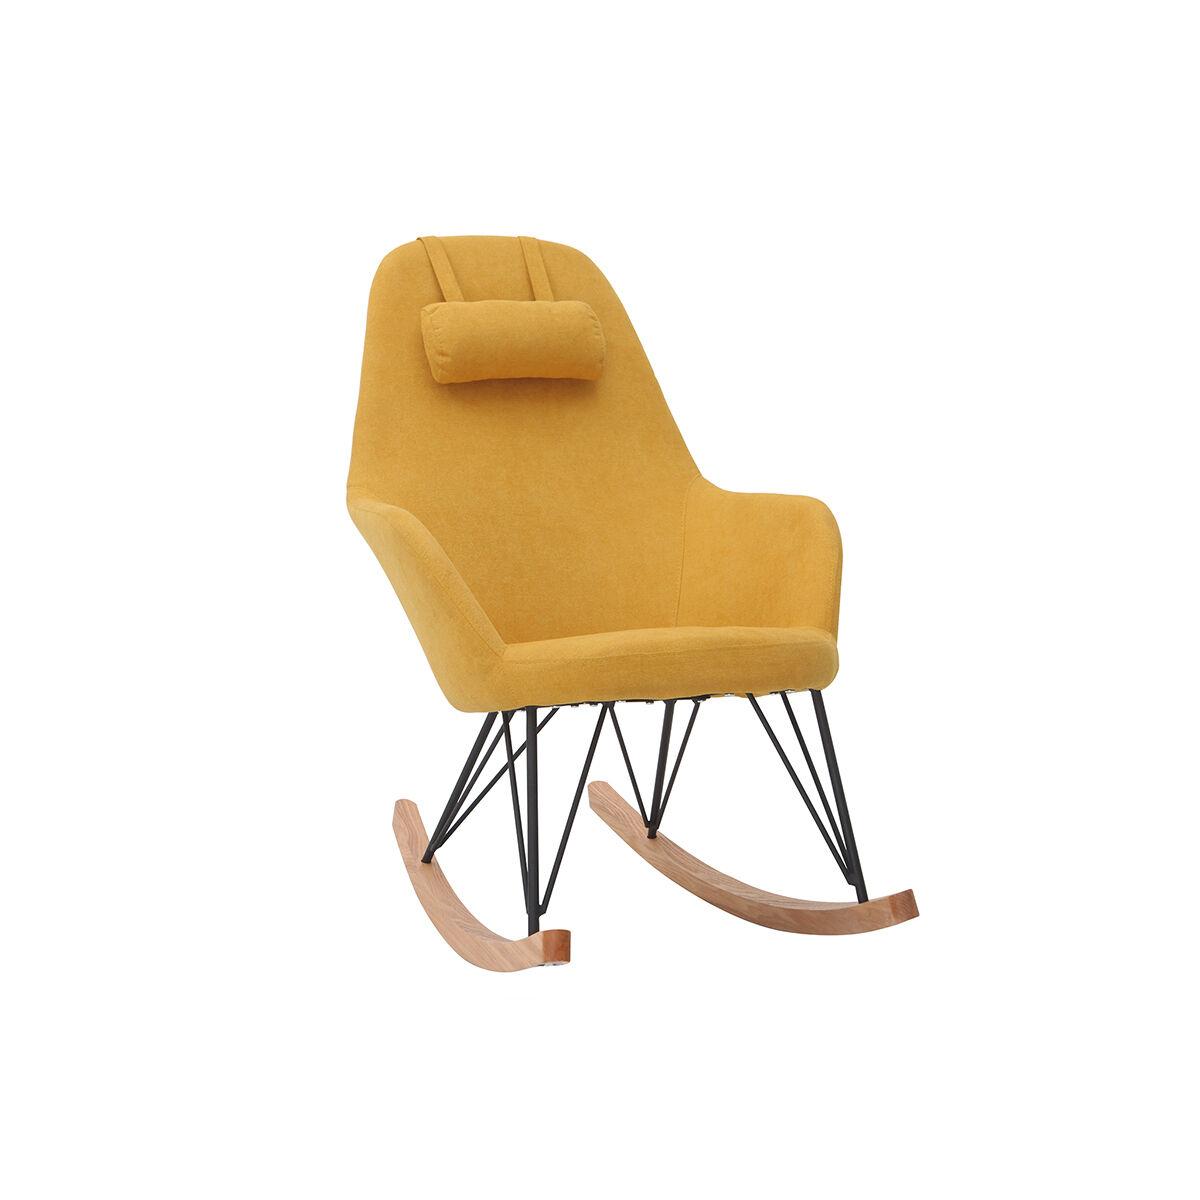 Miliboo Rocking chair tissu effet velours jaune moutarde avec pieds métal et bois JHENE